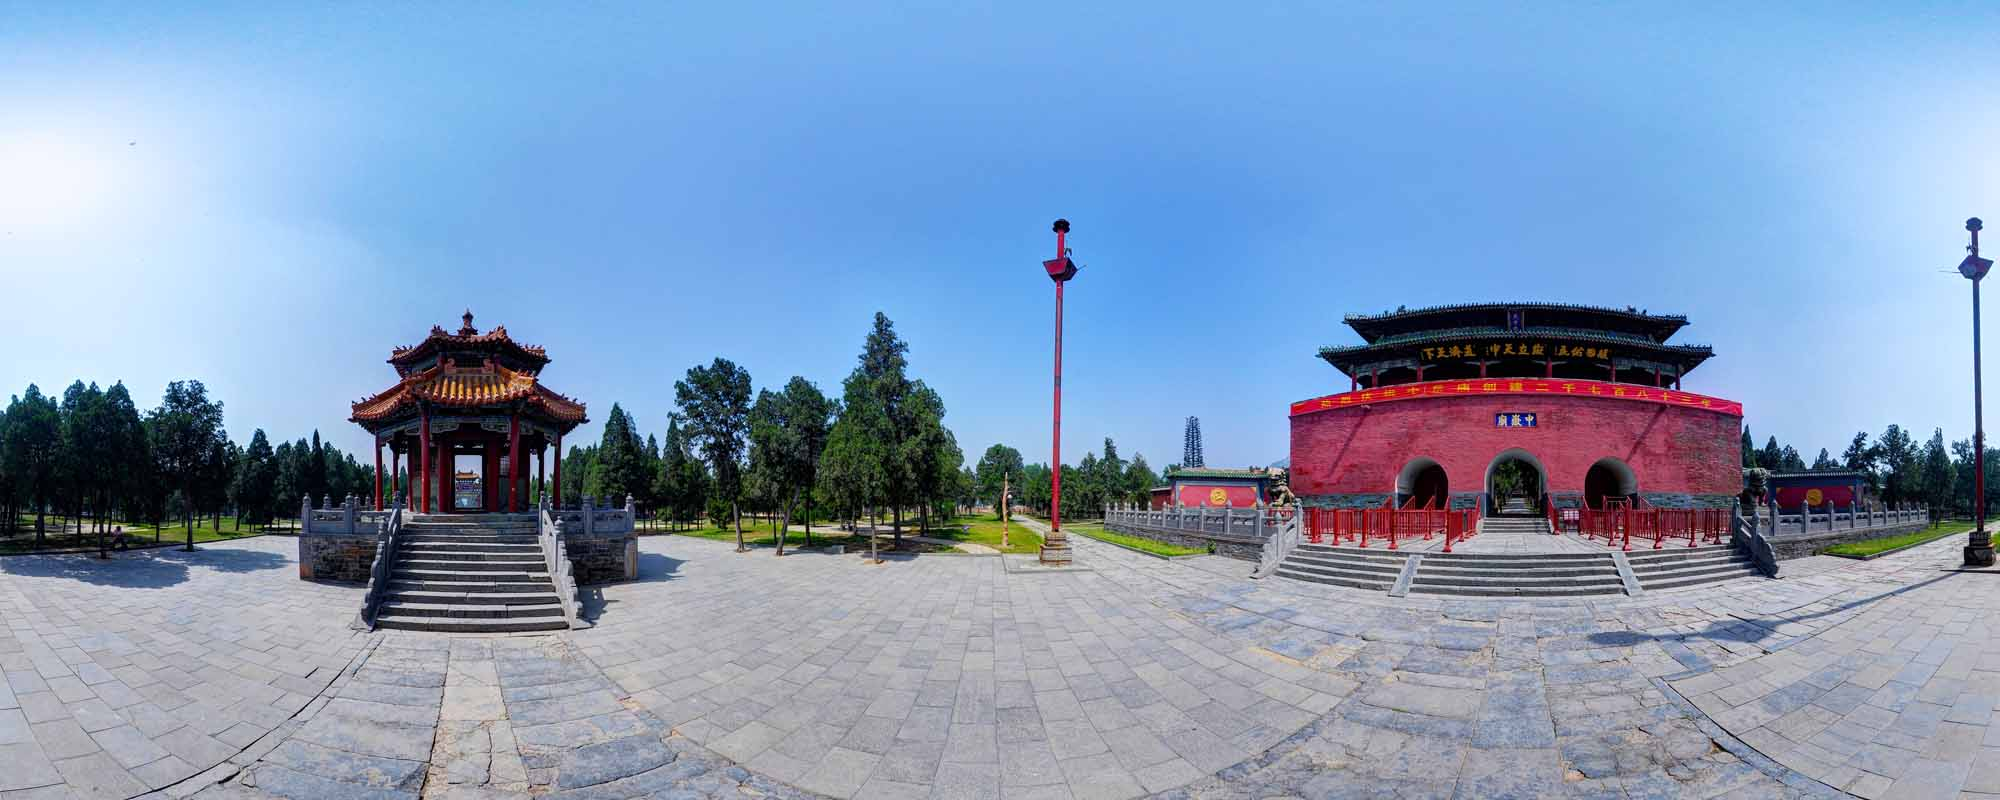 郑州虚拟旅游